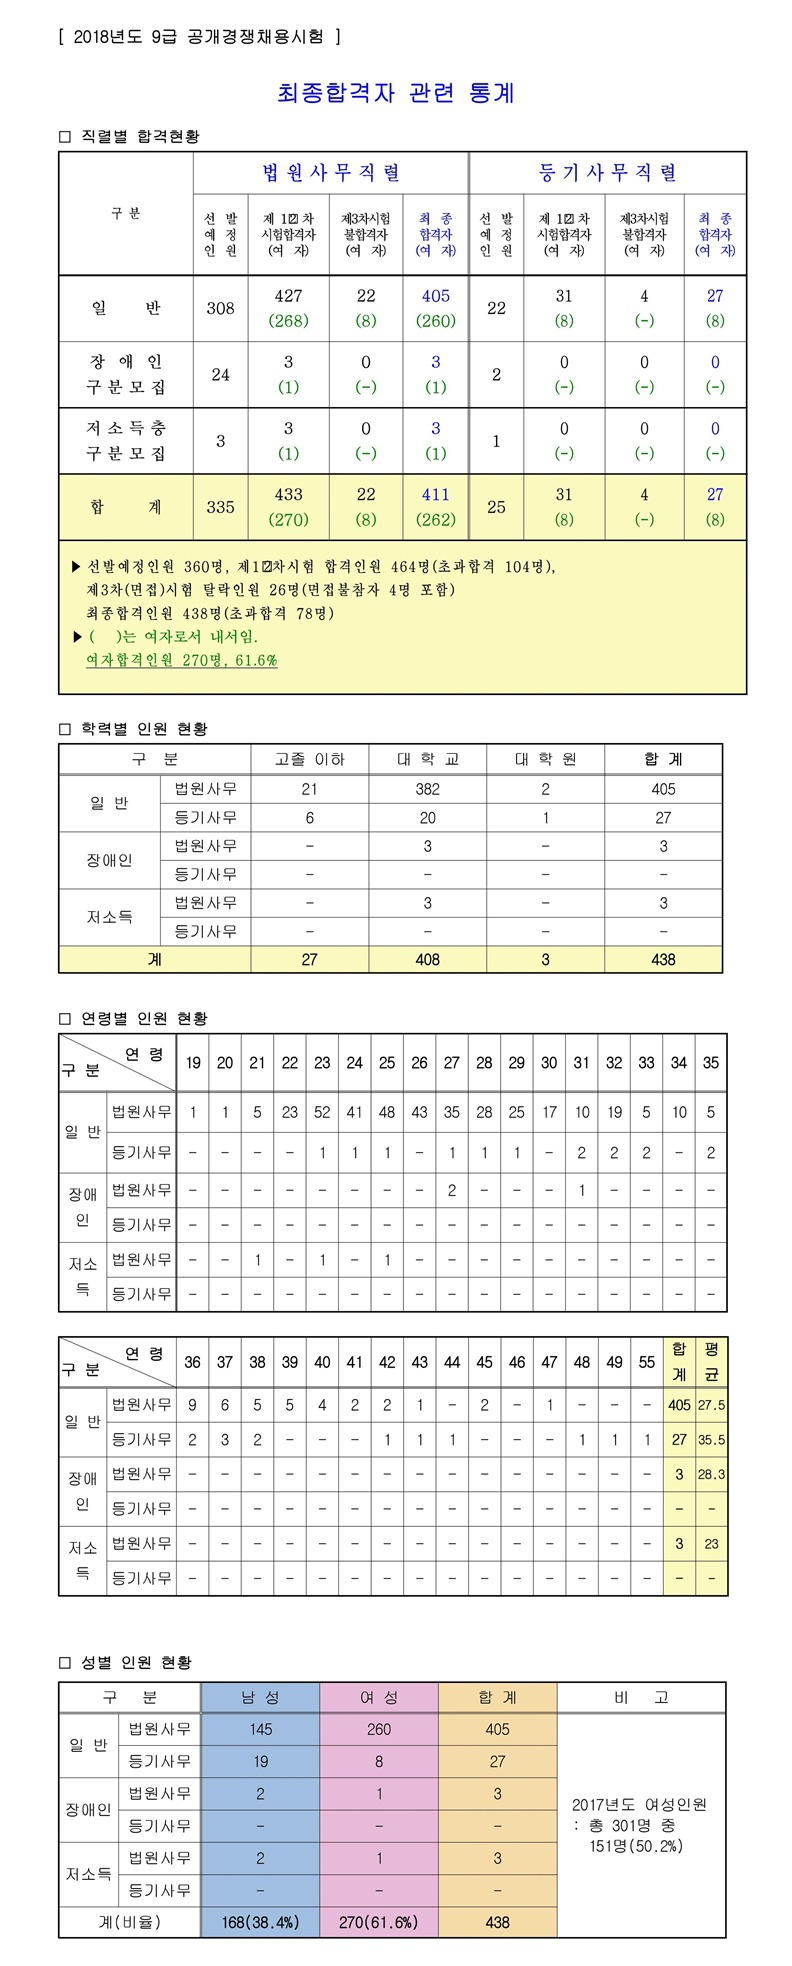 2018 법원행정처 9급 공개경쟁채용시험 최종합격자 관련 통계